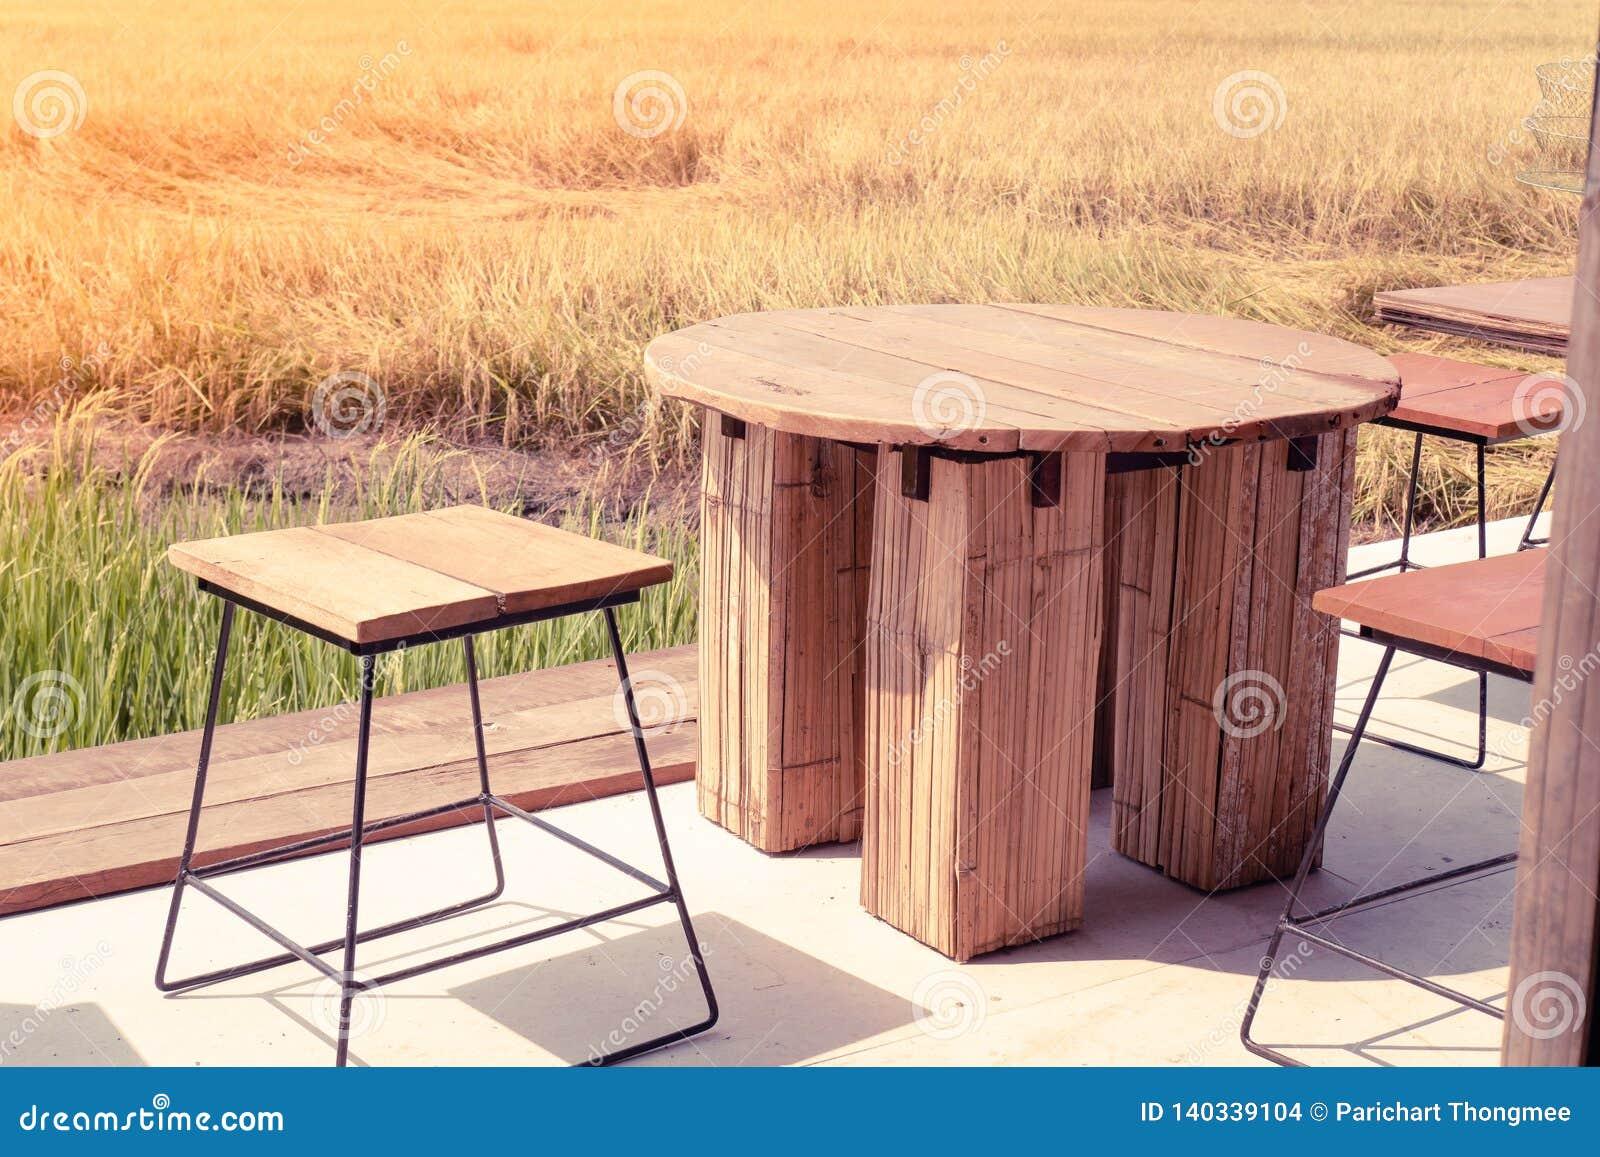 Пустой стул деревянного стола в открытых полях Свобода офис везде предпосылка идеи концепции образа жизни